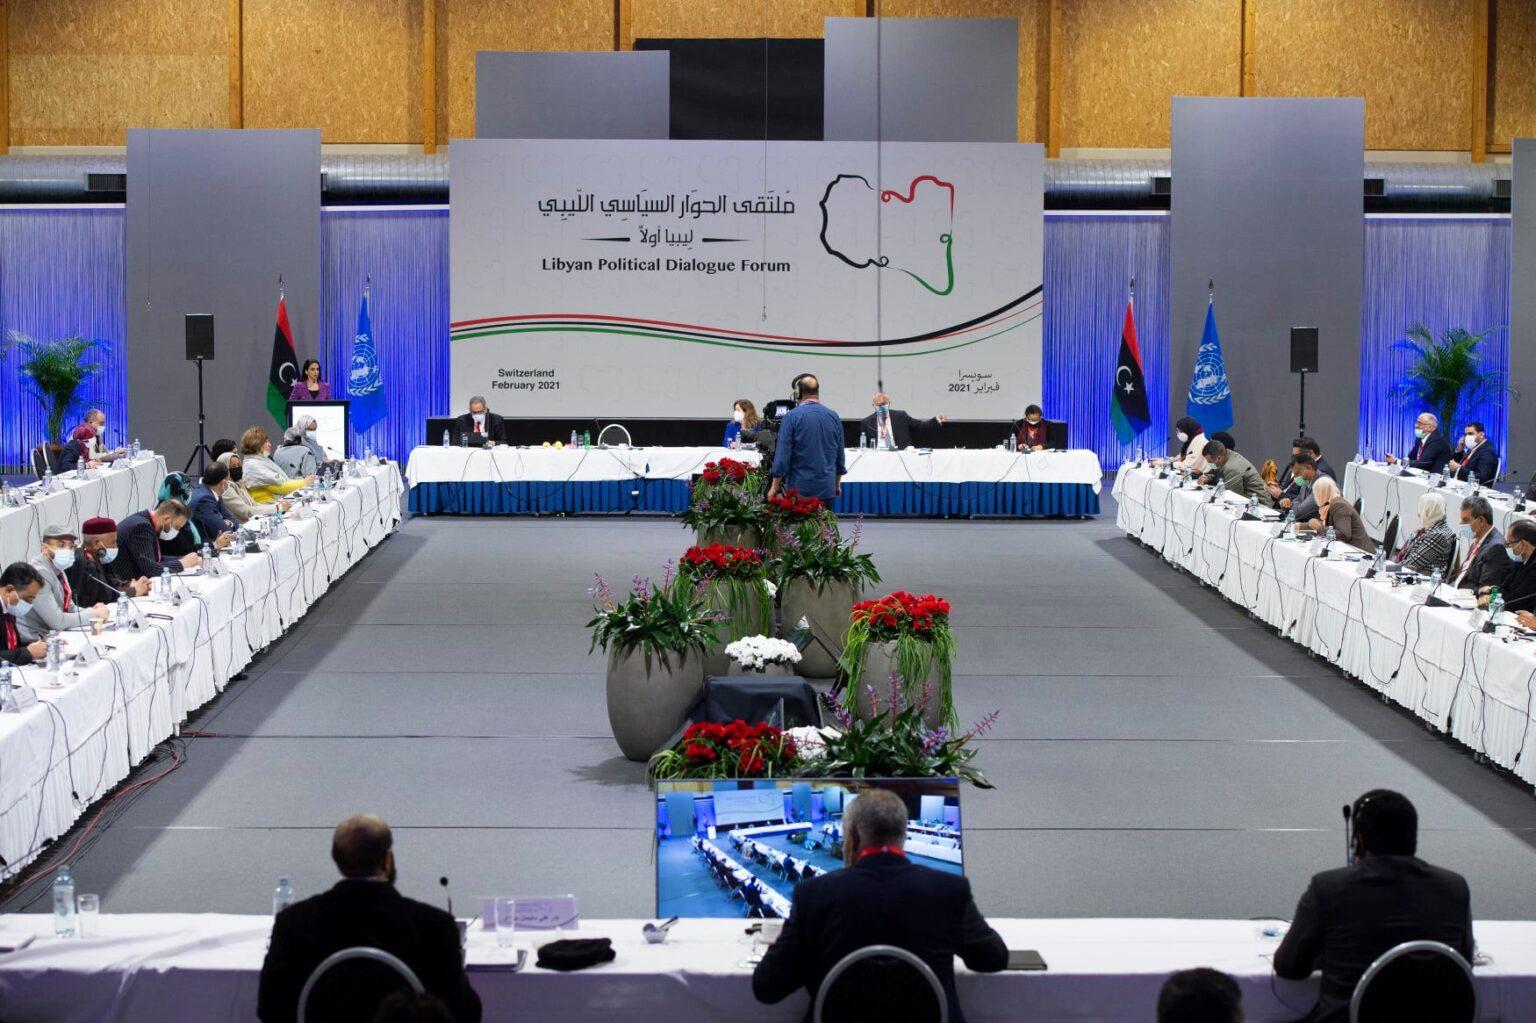 اللجنة الاستشارية المنبثقة عن ملتقى الحوار تعقد اجتماعاً تشاورياً